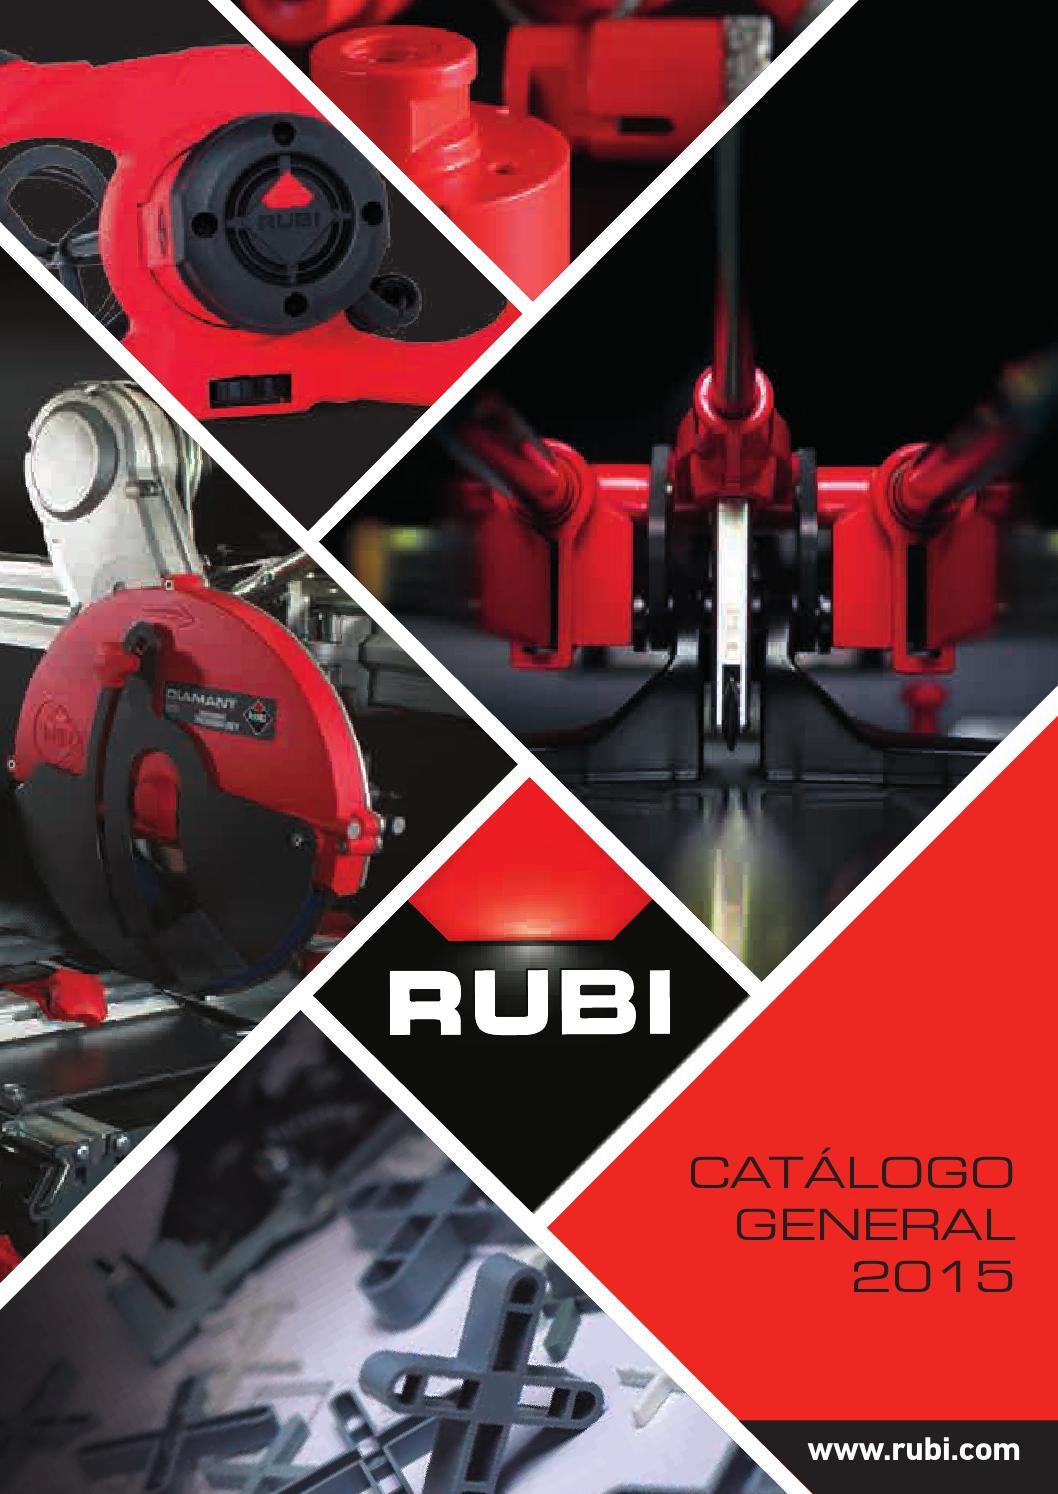 Rubi Juego Pletinas Ds-300 Y Dx-350 51915